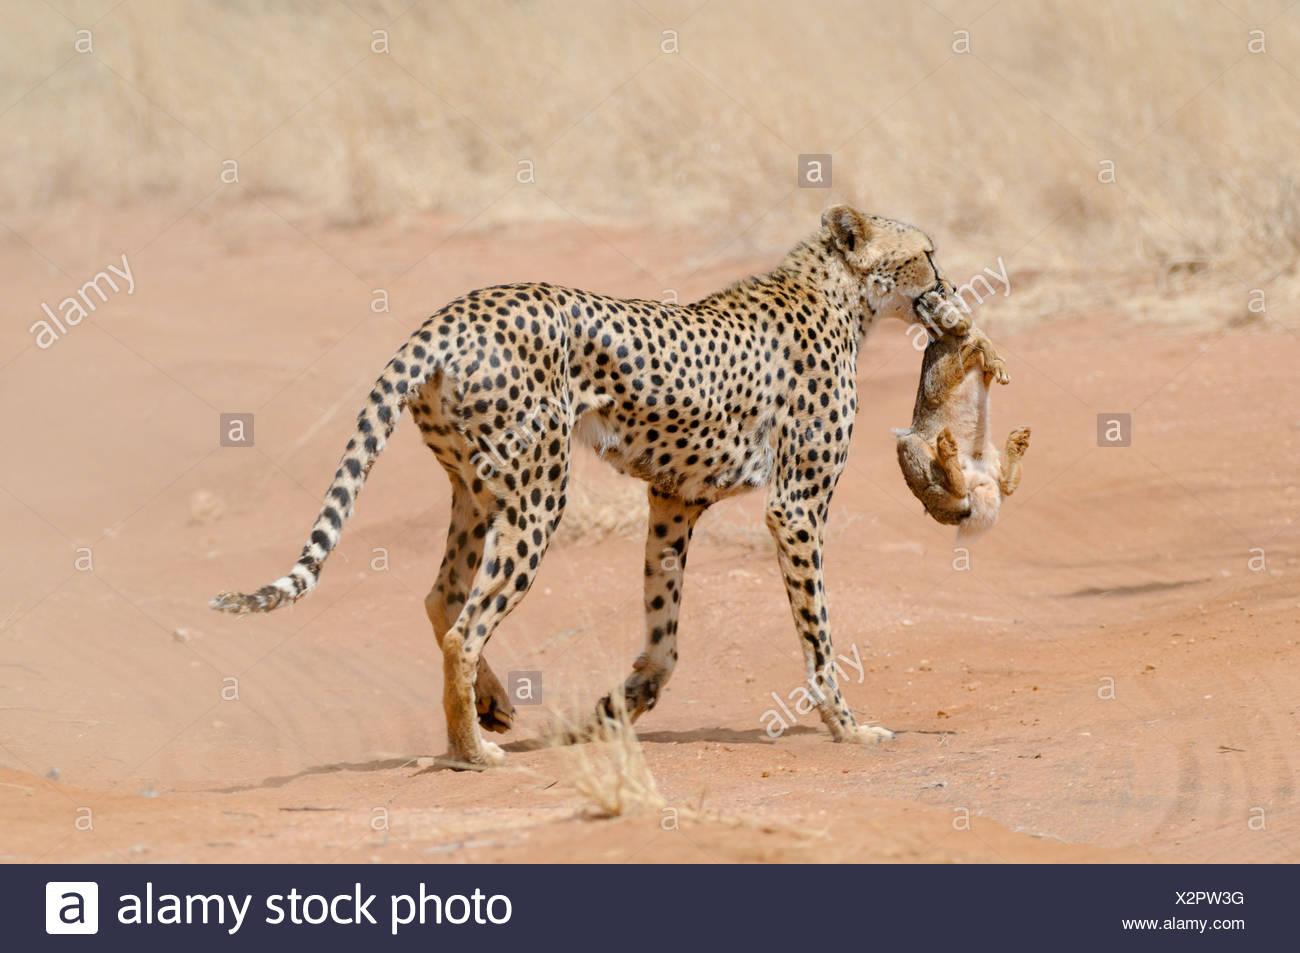 Africa, Kenya, Samburu riserva nazionale, ghepardo (Acinonyx jubatus) porta un coniglio cacciato nella sua bocca torna alla sua cubs Immagini Stock